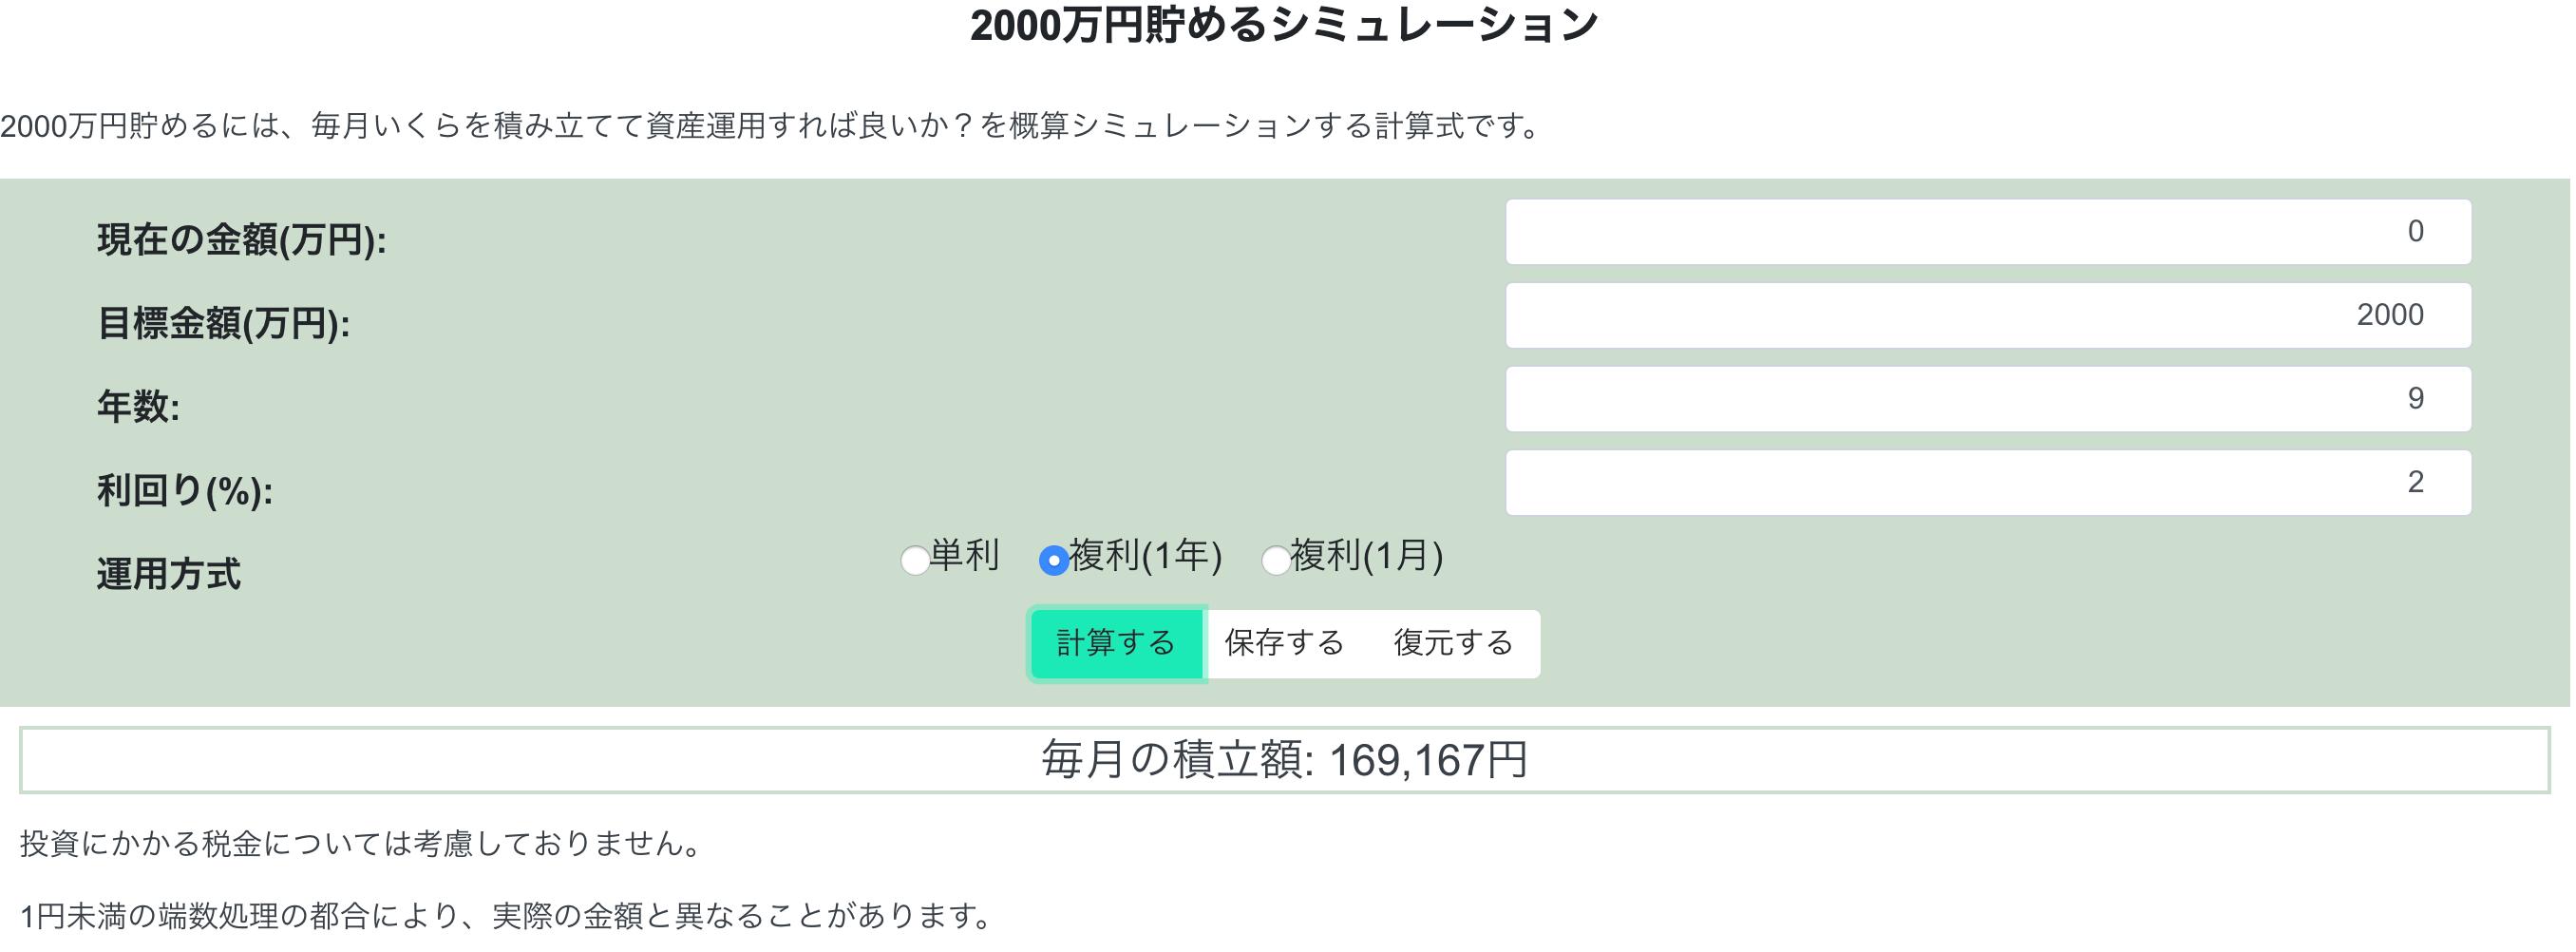 年収別で考える資産運用・株式投資(おすすめの対処法)_年収1000万円1